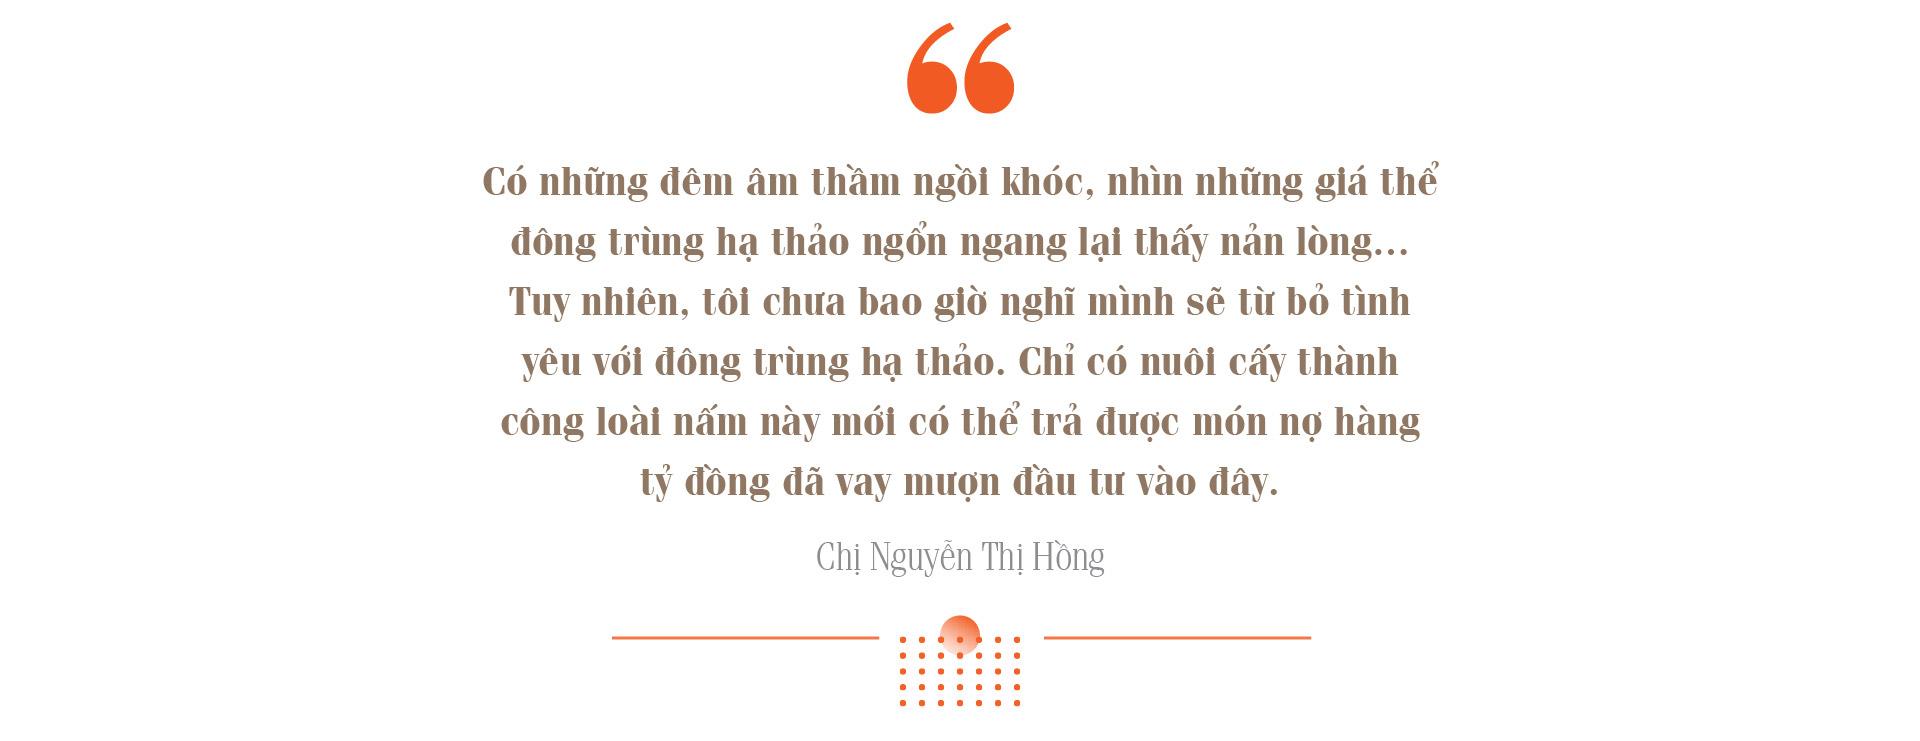 """Tỷ phú Nông dân Việt Nam xuất sắc 2021 Nguyễn Thị Hồng: Hành trình chinh phục  """"vàng mềm"""" siêu đắt đỏ  - Ảnh 9."""